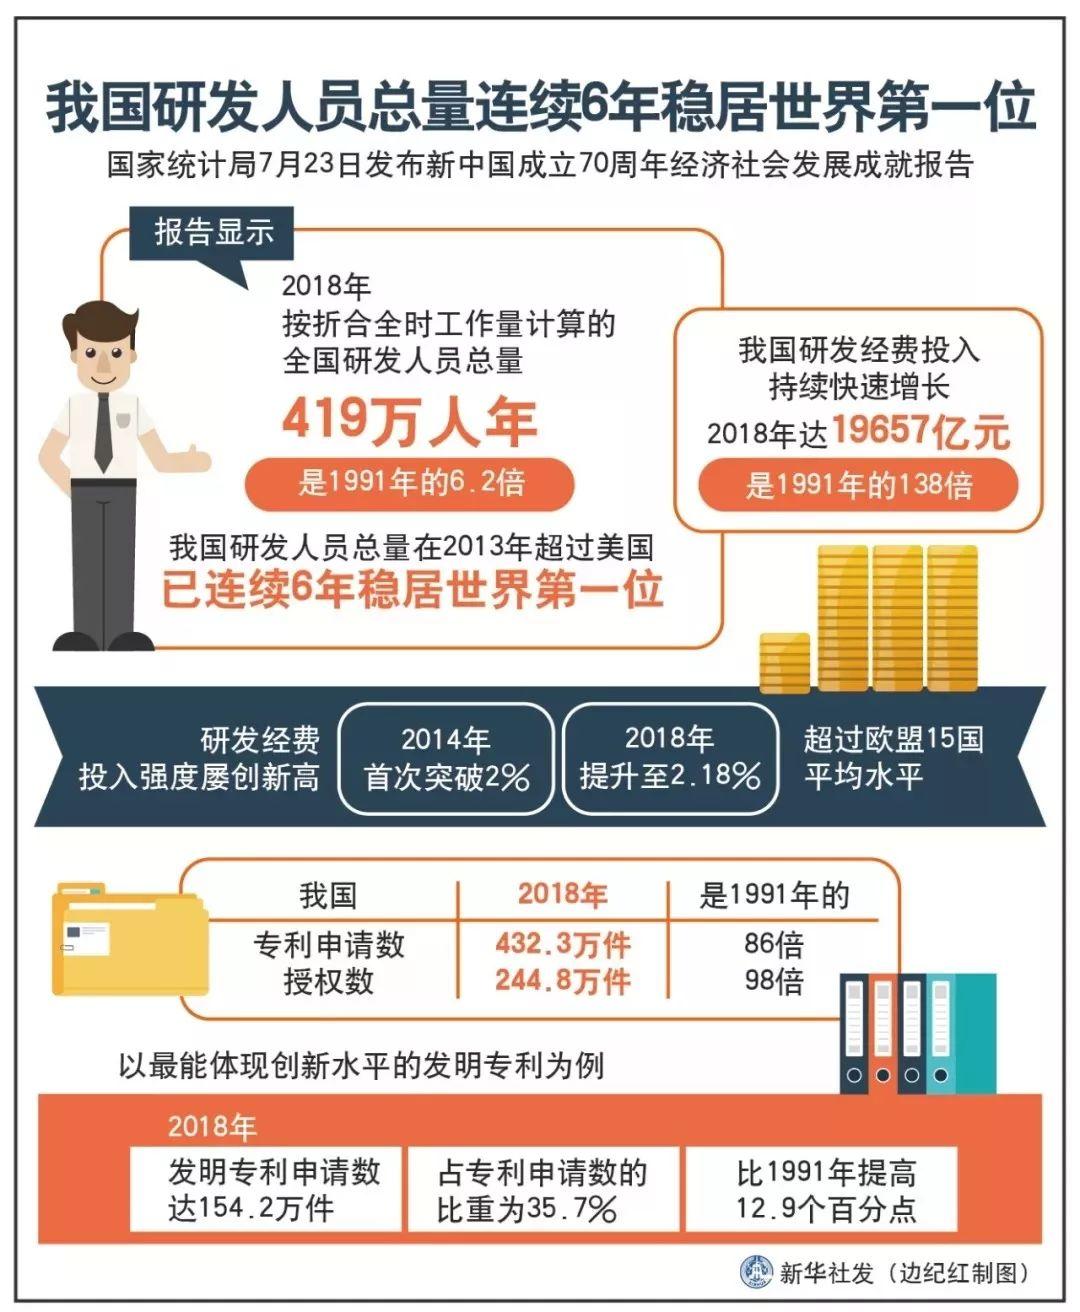 中国经济总量稳居世界第几_世界经济总量排名